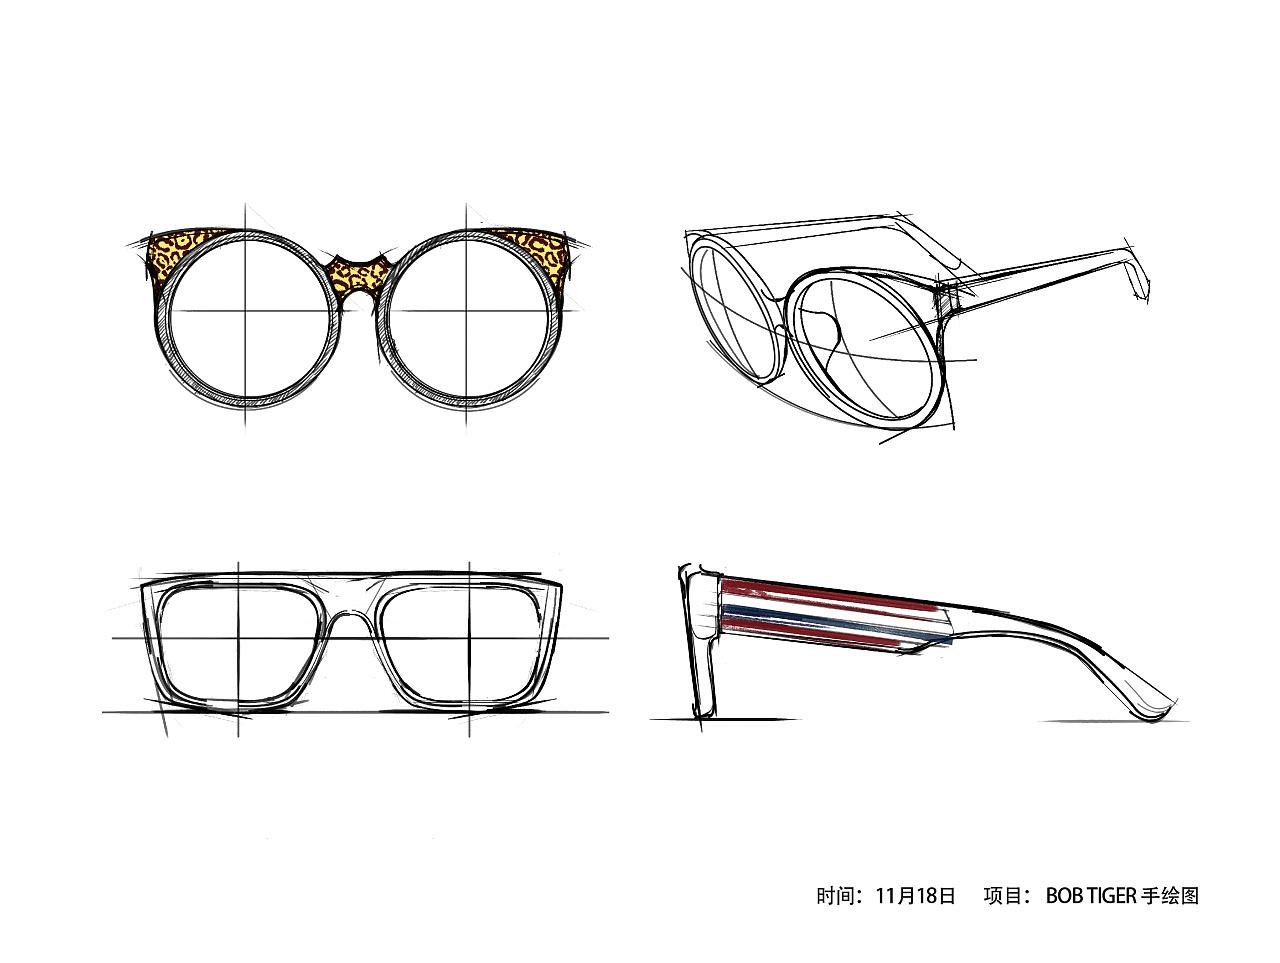 一些时尚眼镜产品设计案例,诚接设计服务